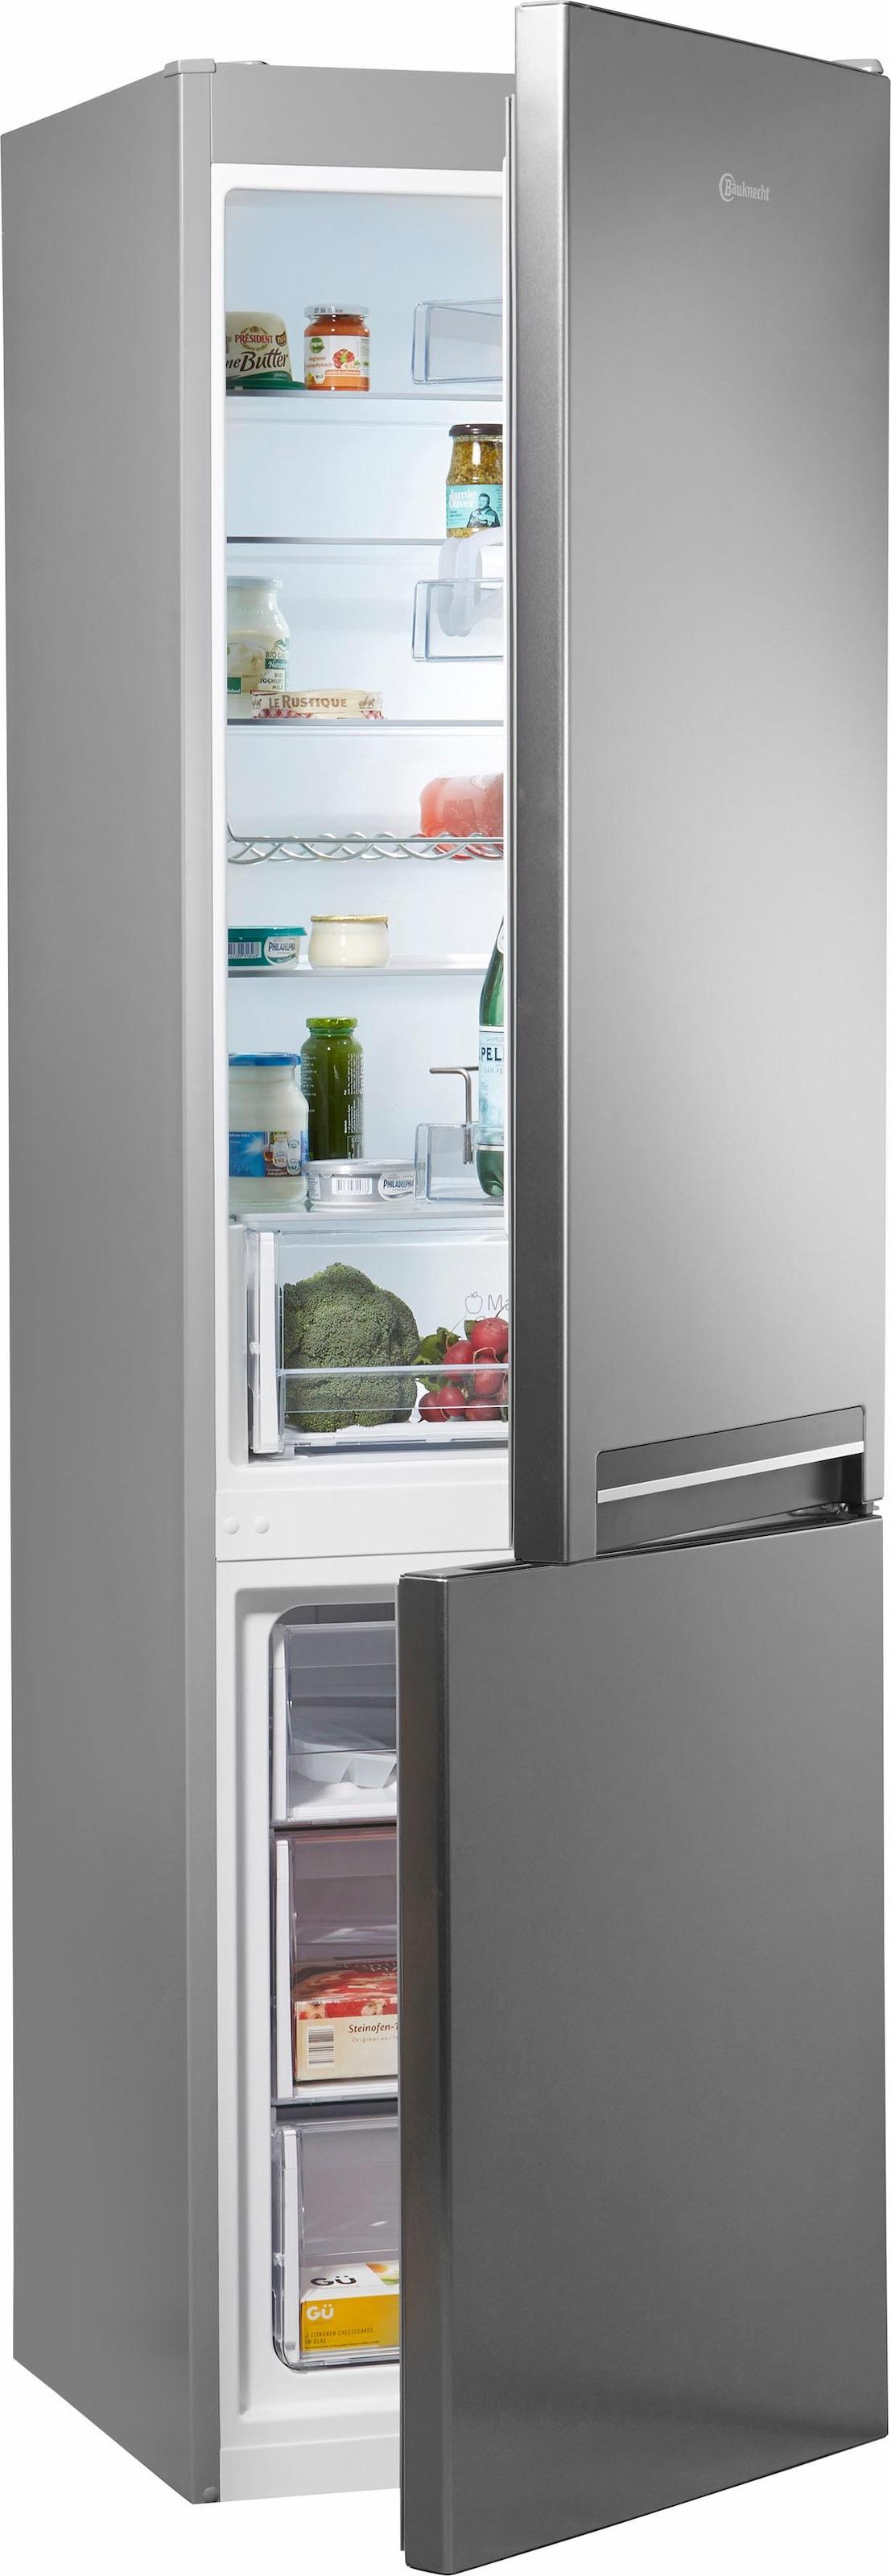 Mini Kühlschrank Auf Rechnung : Kühlschränke online auf rechnung raten kaufen baur